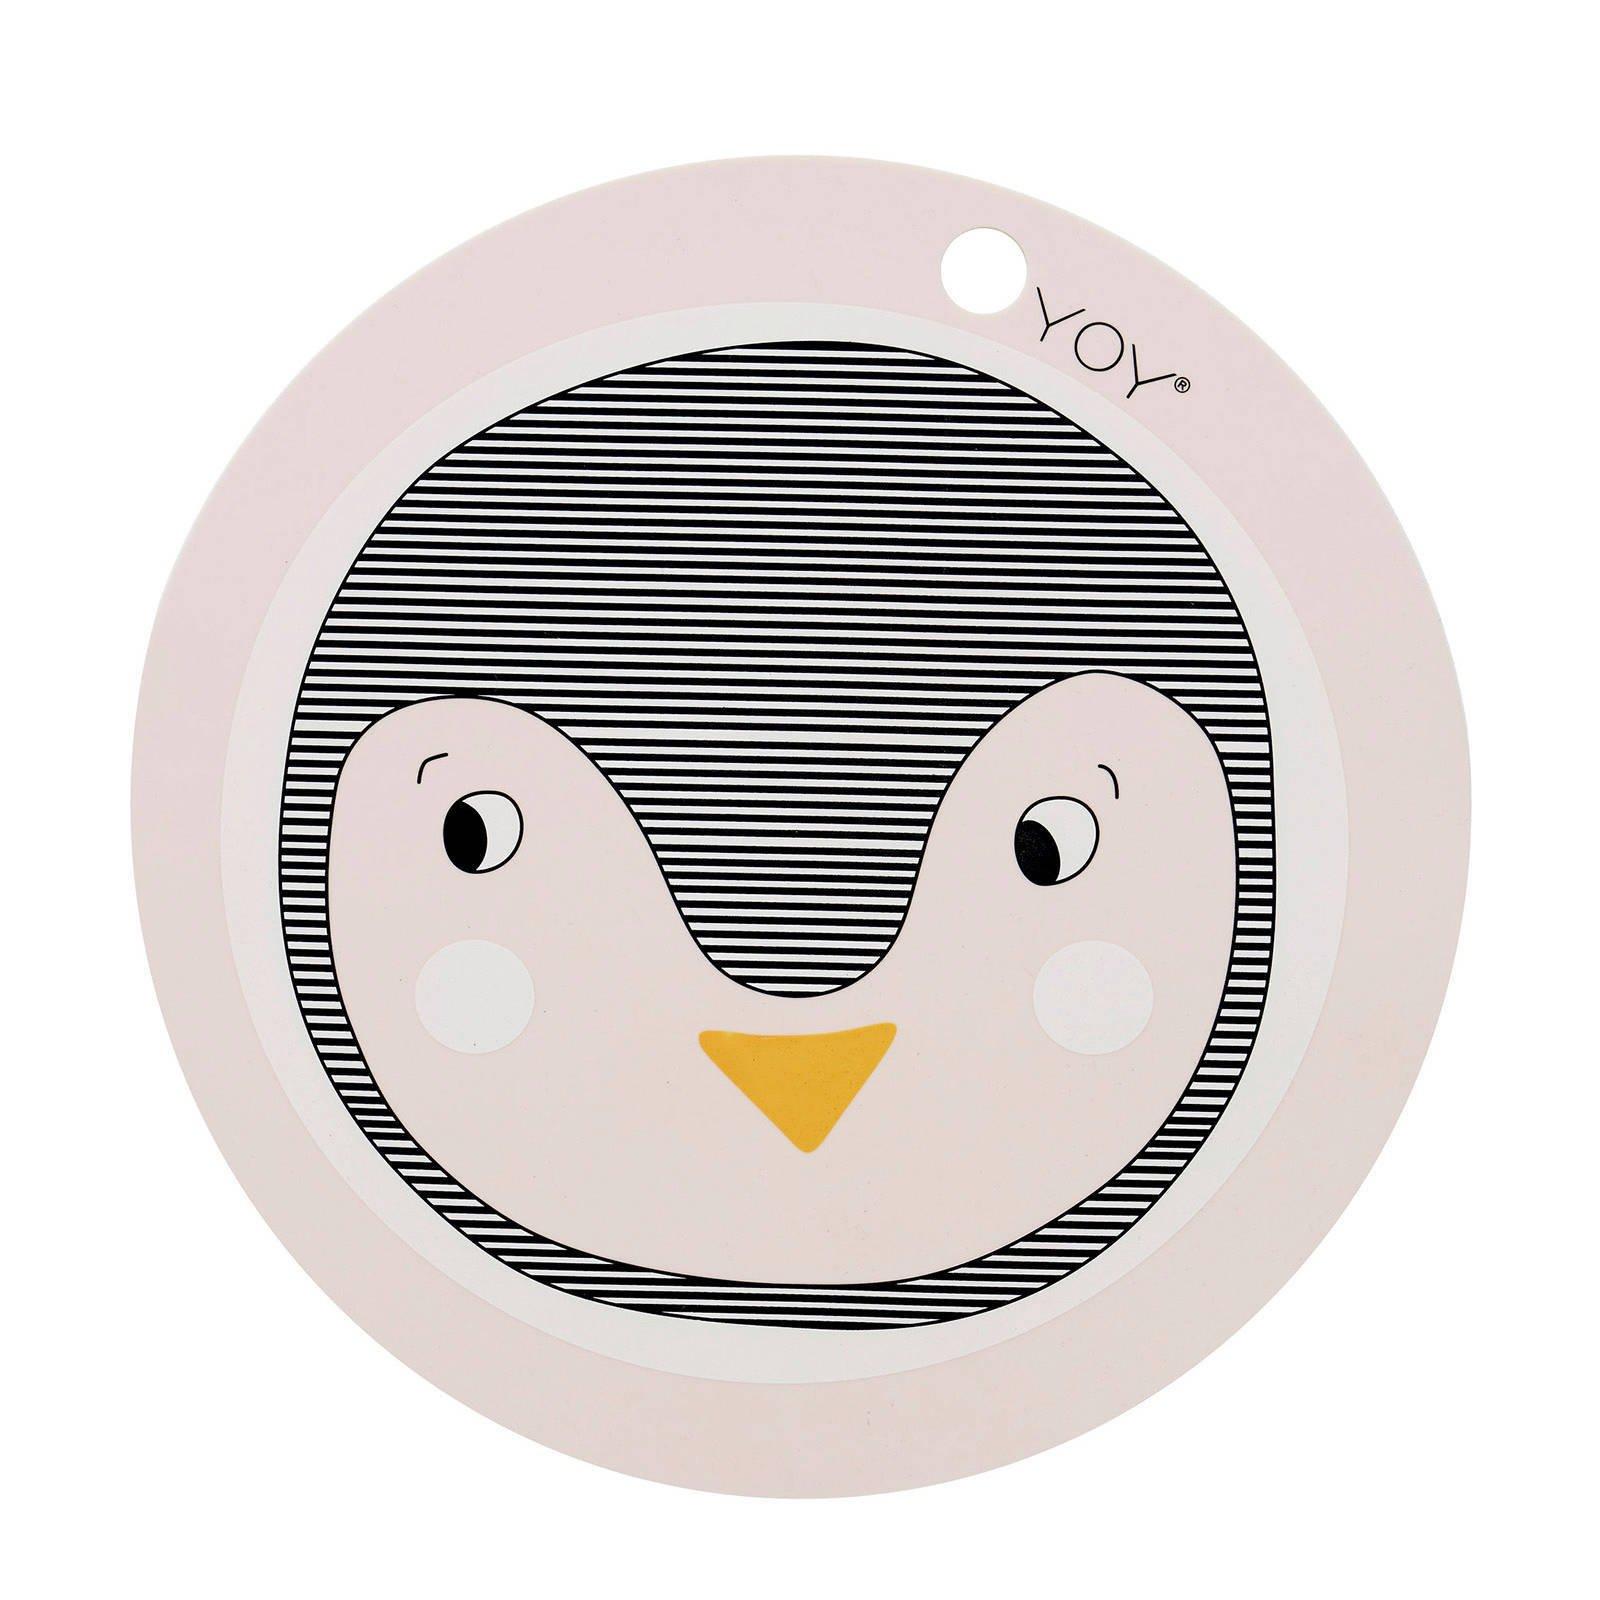 OYOY Mini placemat (Ø39 cm) online kopen